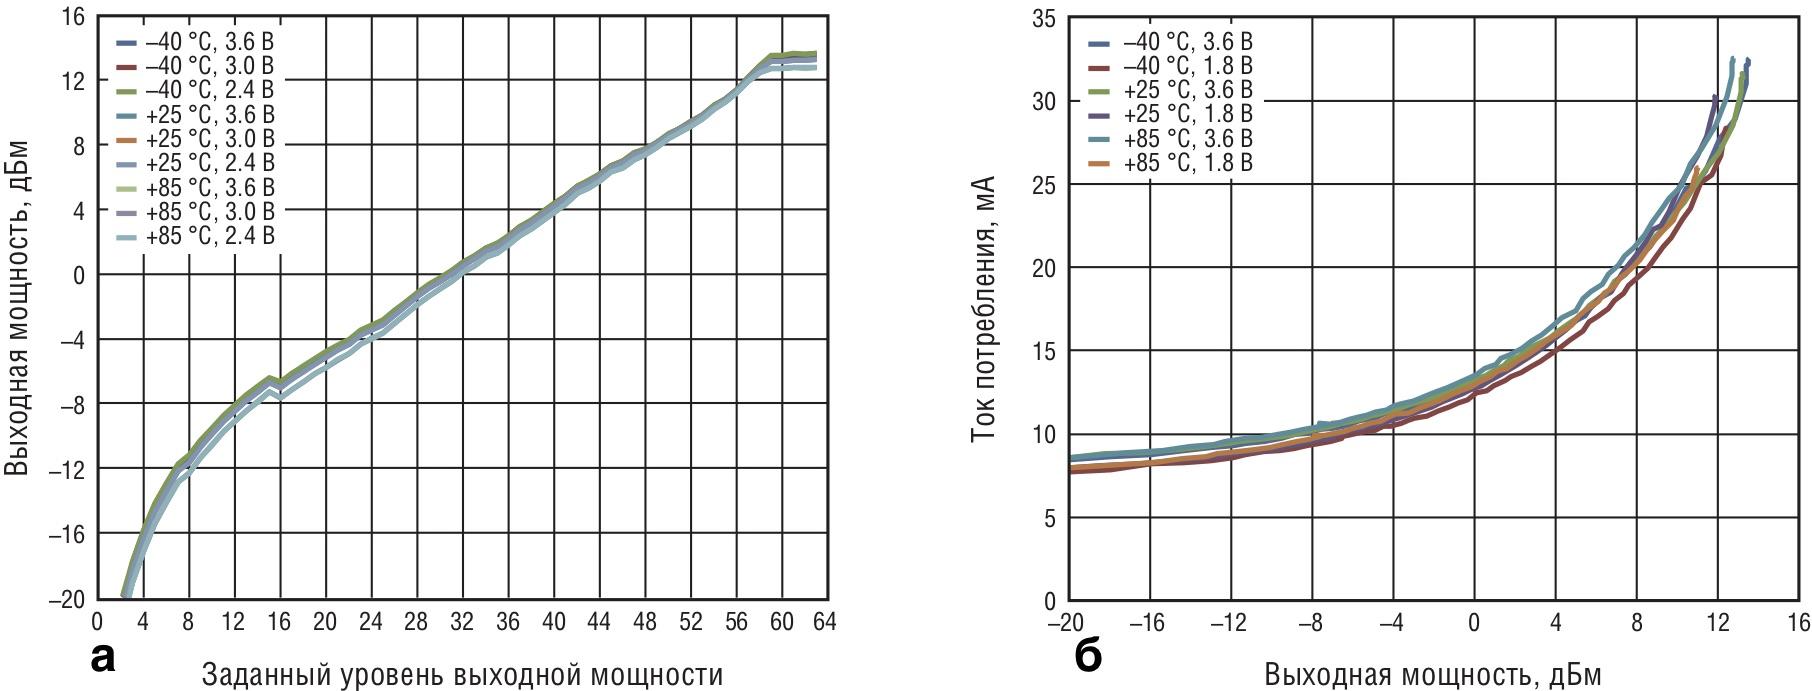 Зависимости: а) выходной мощности от запрограммированного уровня; б) тока потребления от выходной мощности передатчика при различных значениях температуры